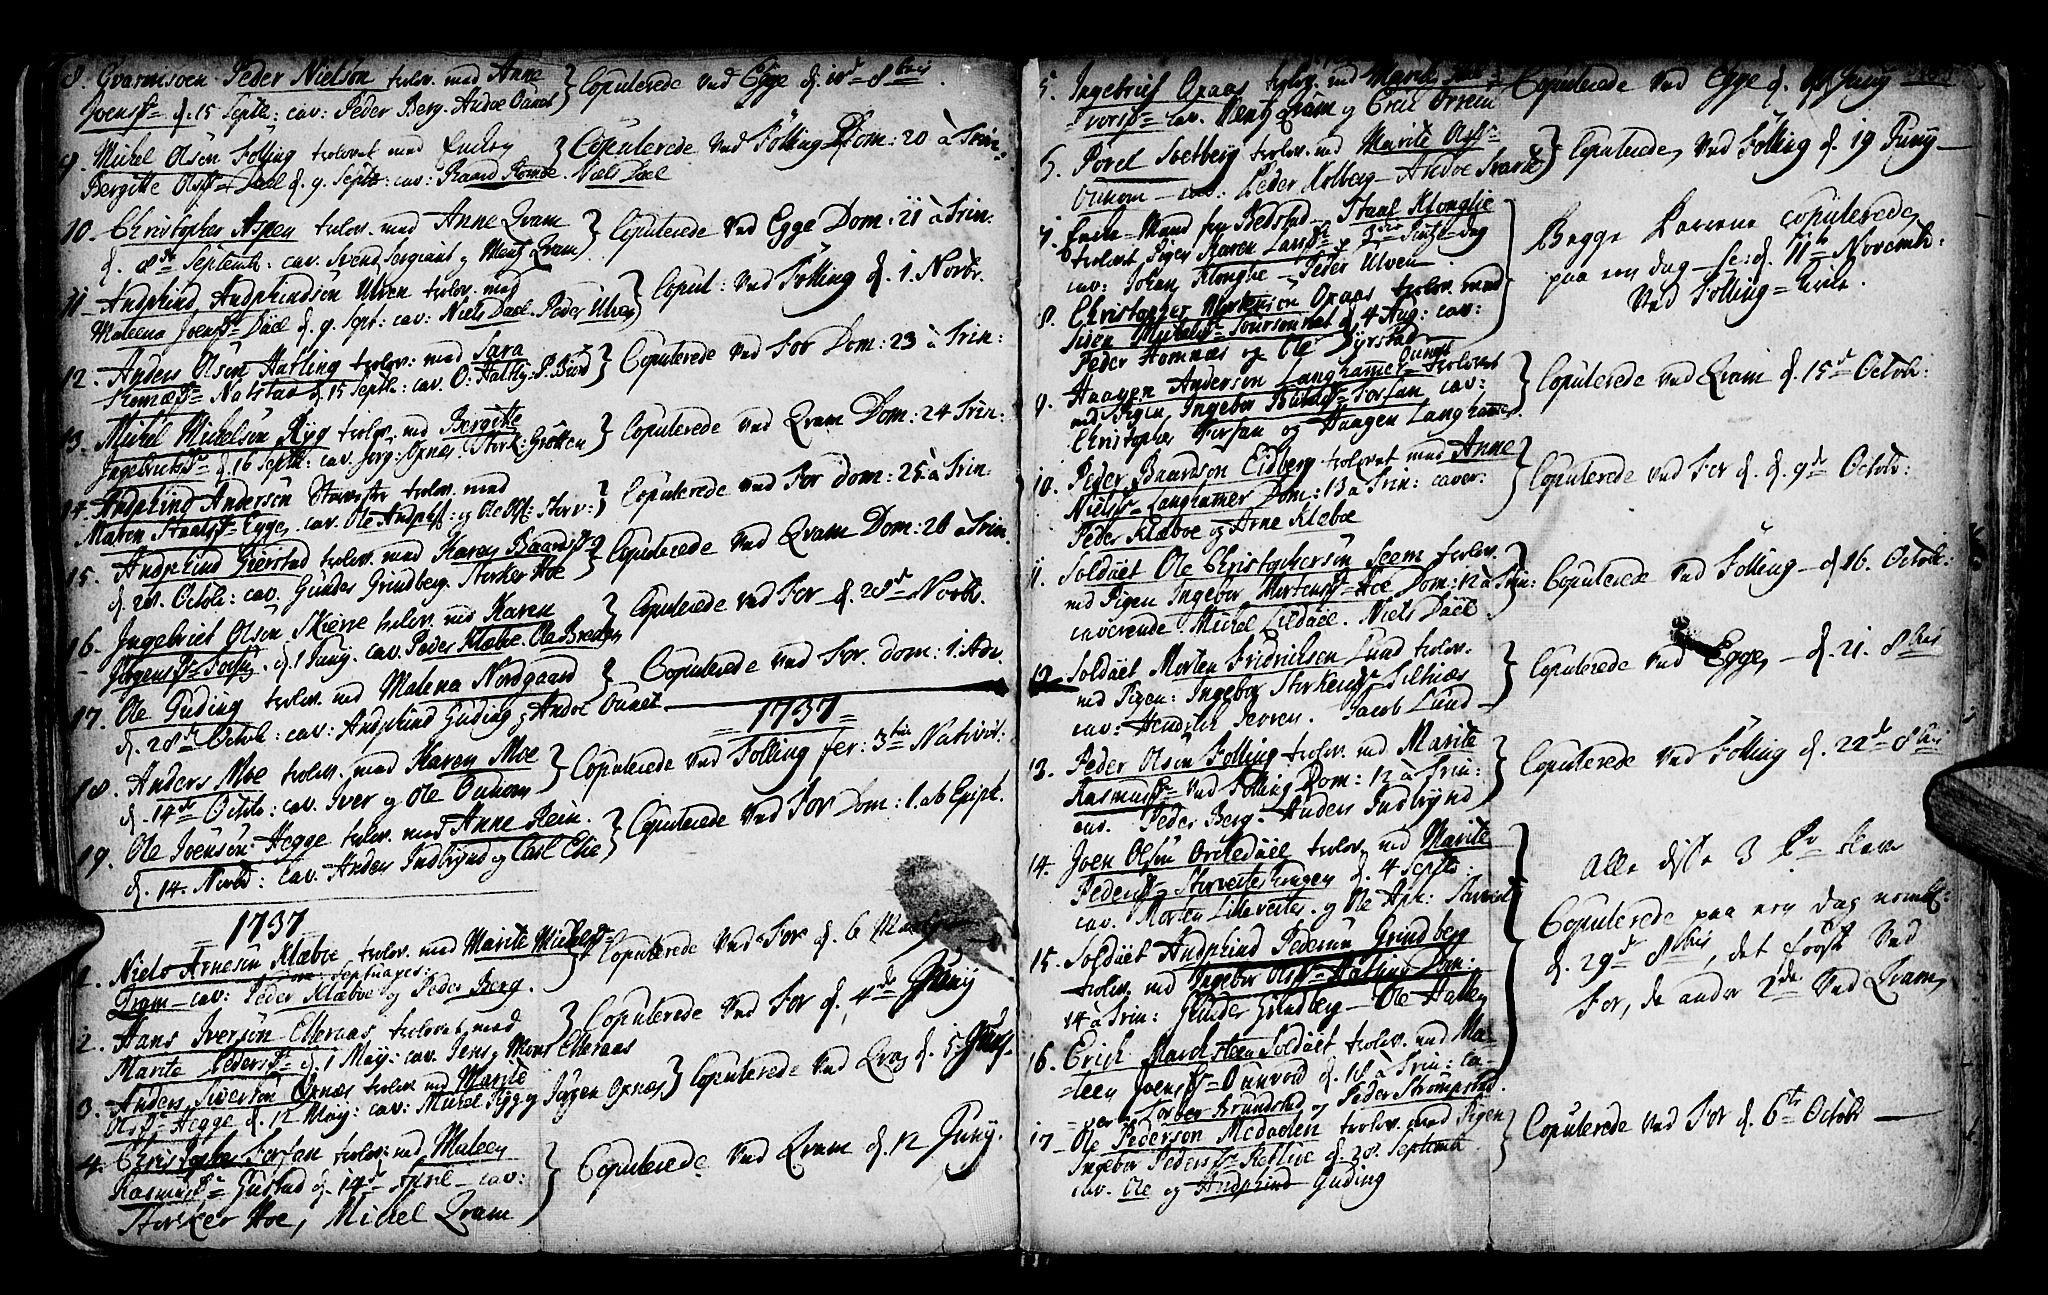 SAT, Ministerialprotokoller, klokkerbøker og fødselsregistre - Nord-Trøndelag, 746/L0439: Ministerialbok nr. 746A01, 1688-1759, s. 103